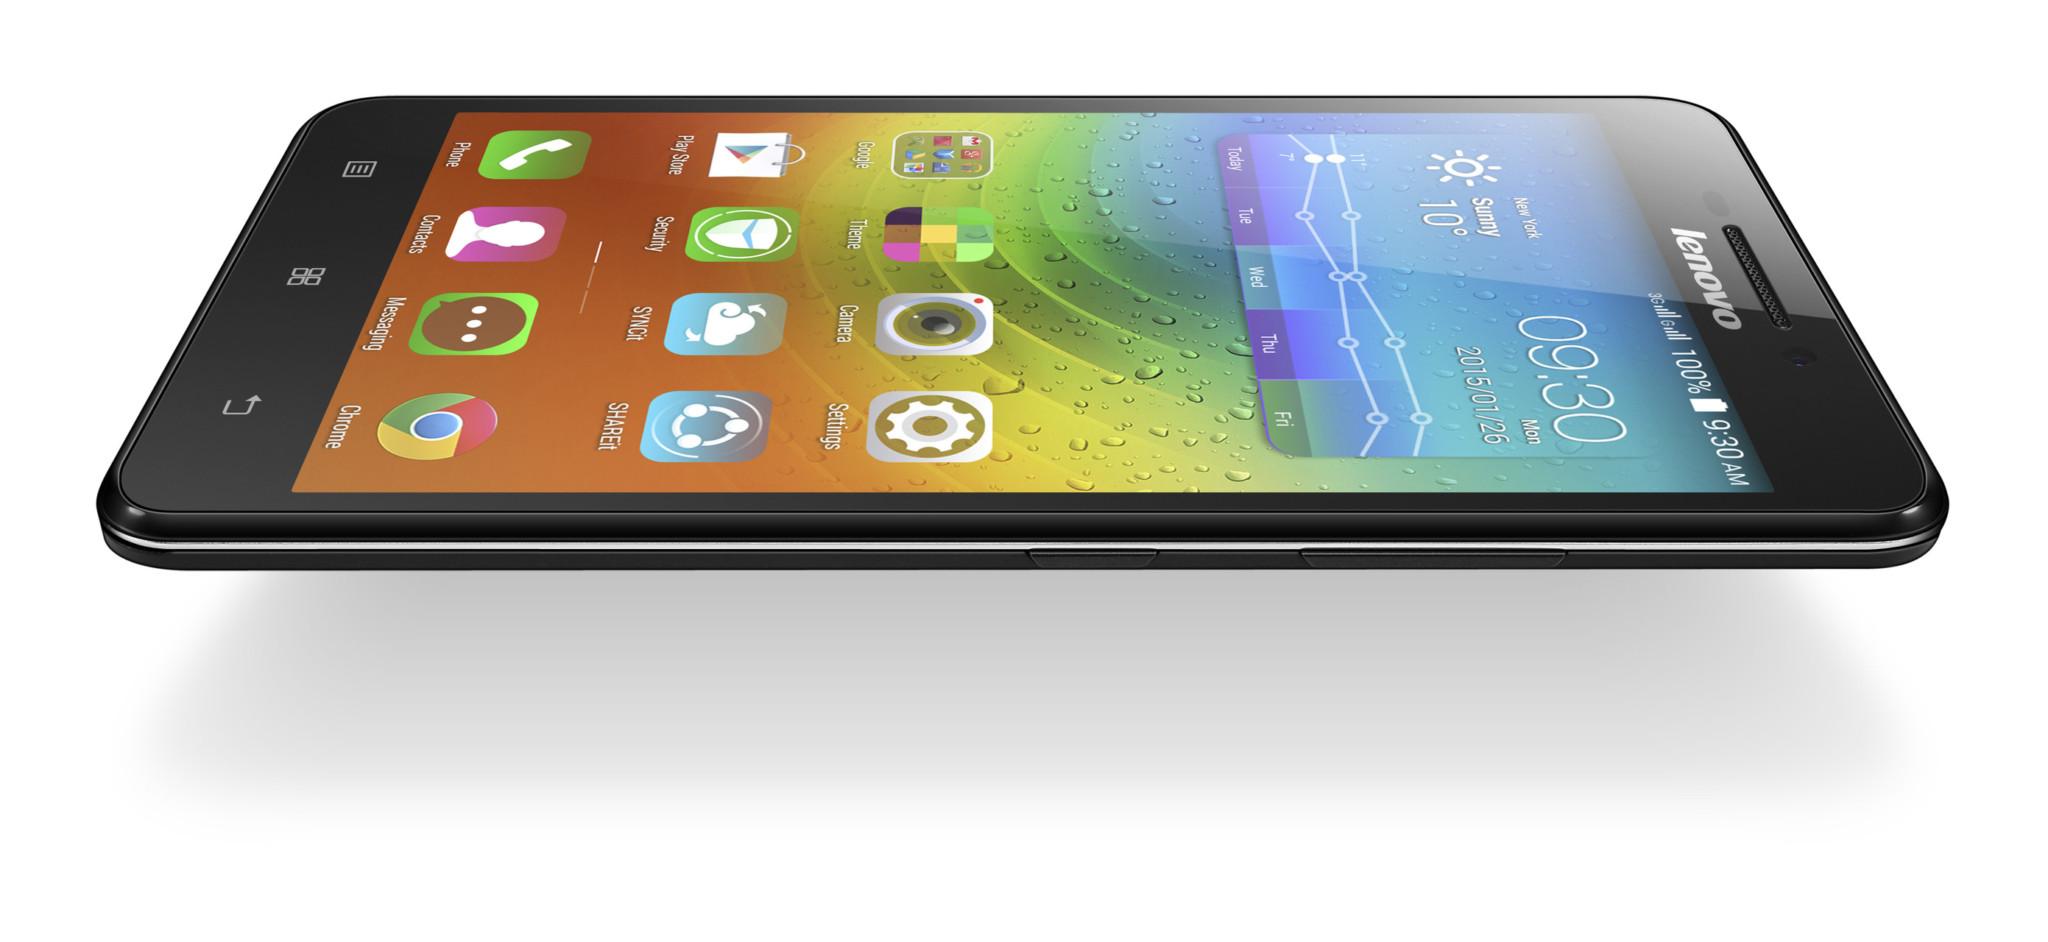 Lenovo A5000 – solidně vybavený telefon se zajímavou cenovkou